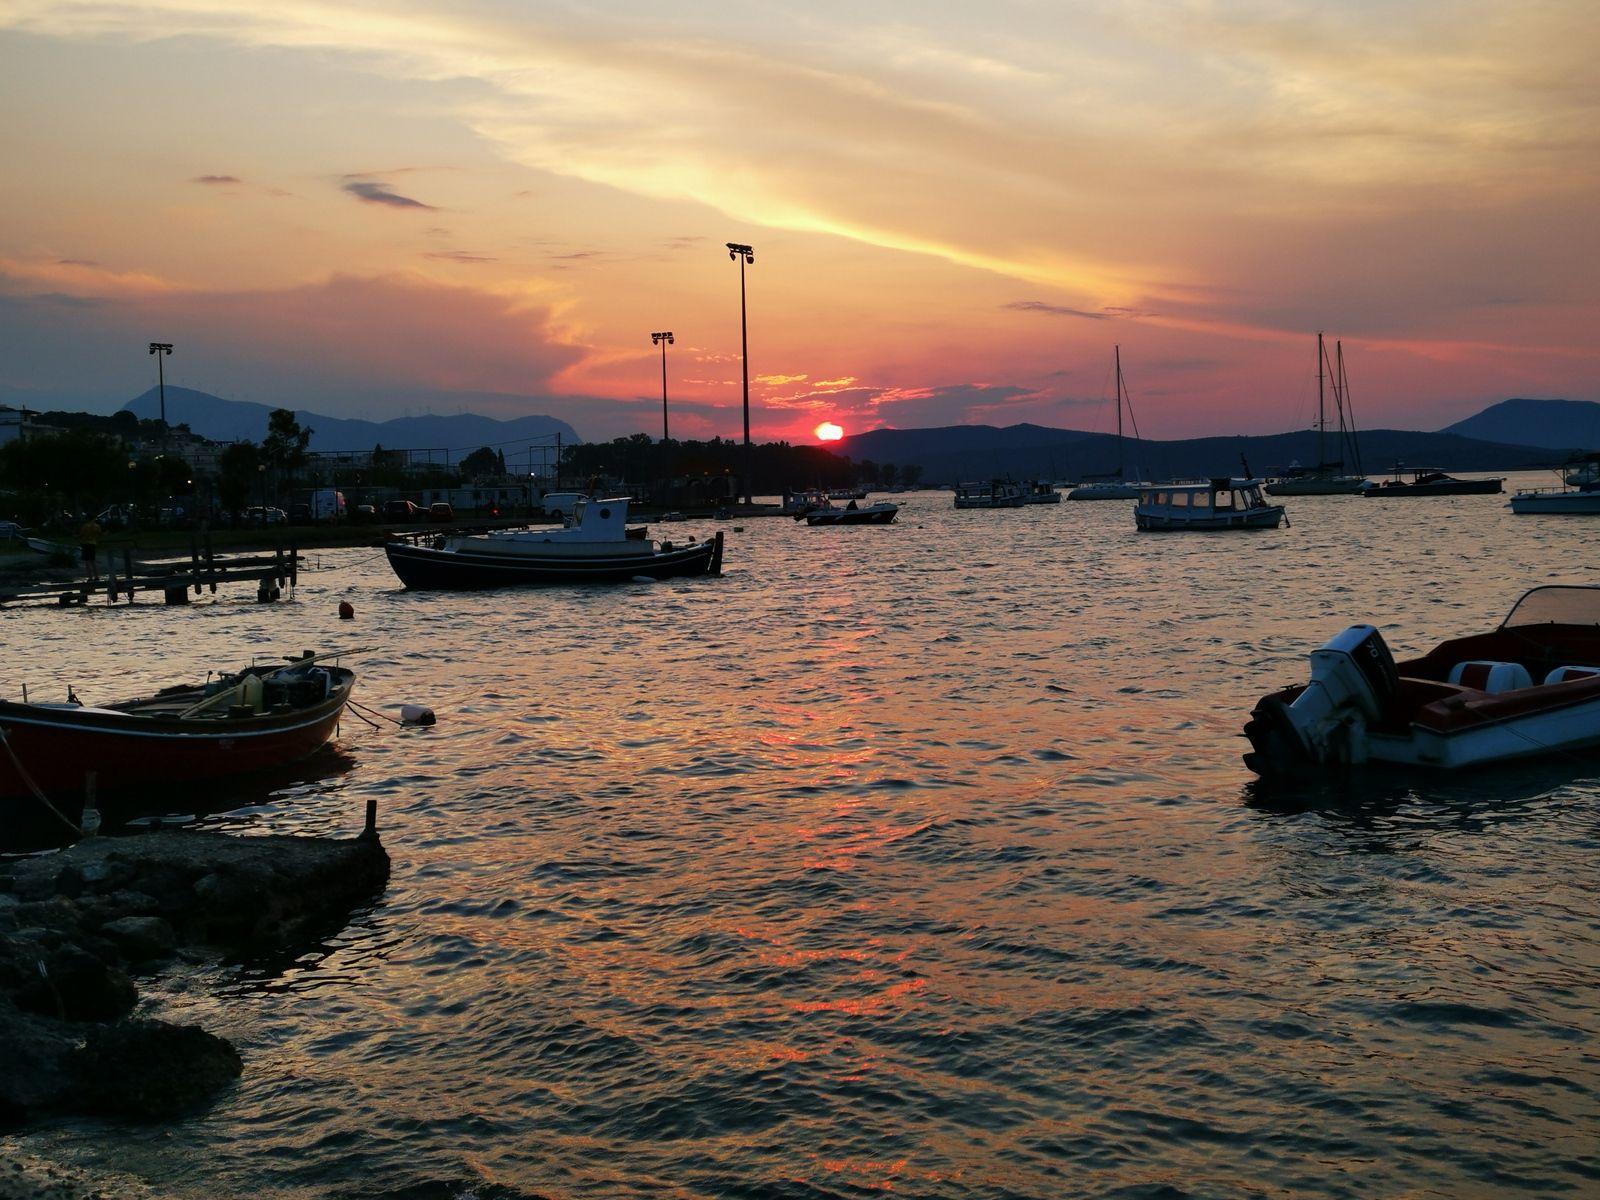 Poros, touristique mais jolie île. On y arrive depuis Galatas en bateau taxi pour 1 Euro la traversée. Beaucoup de gros bateaux dans le port. Il y a de l'argent !